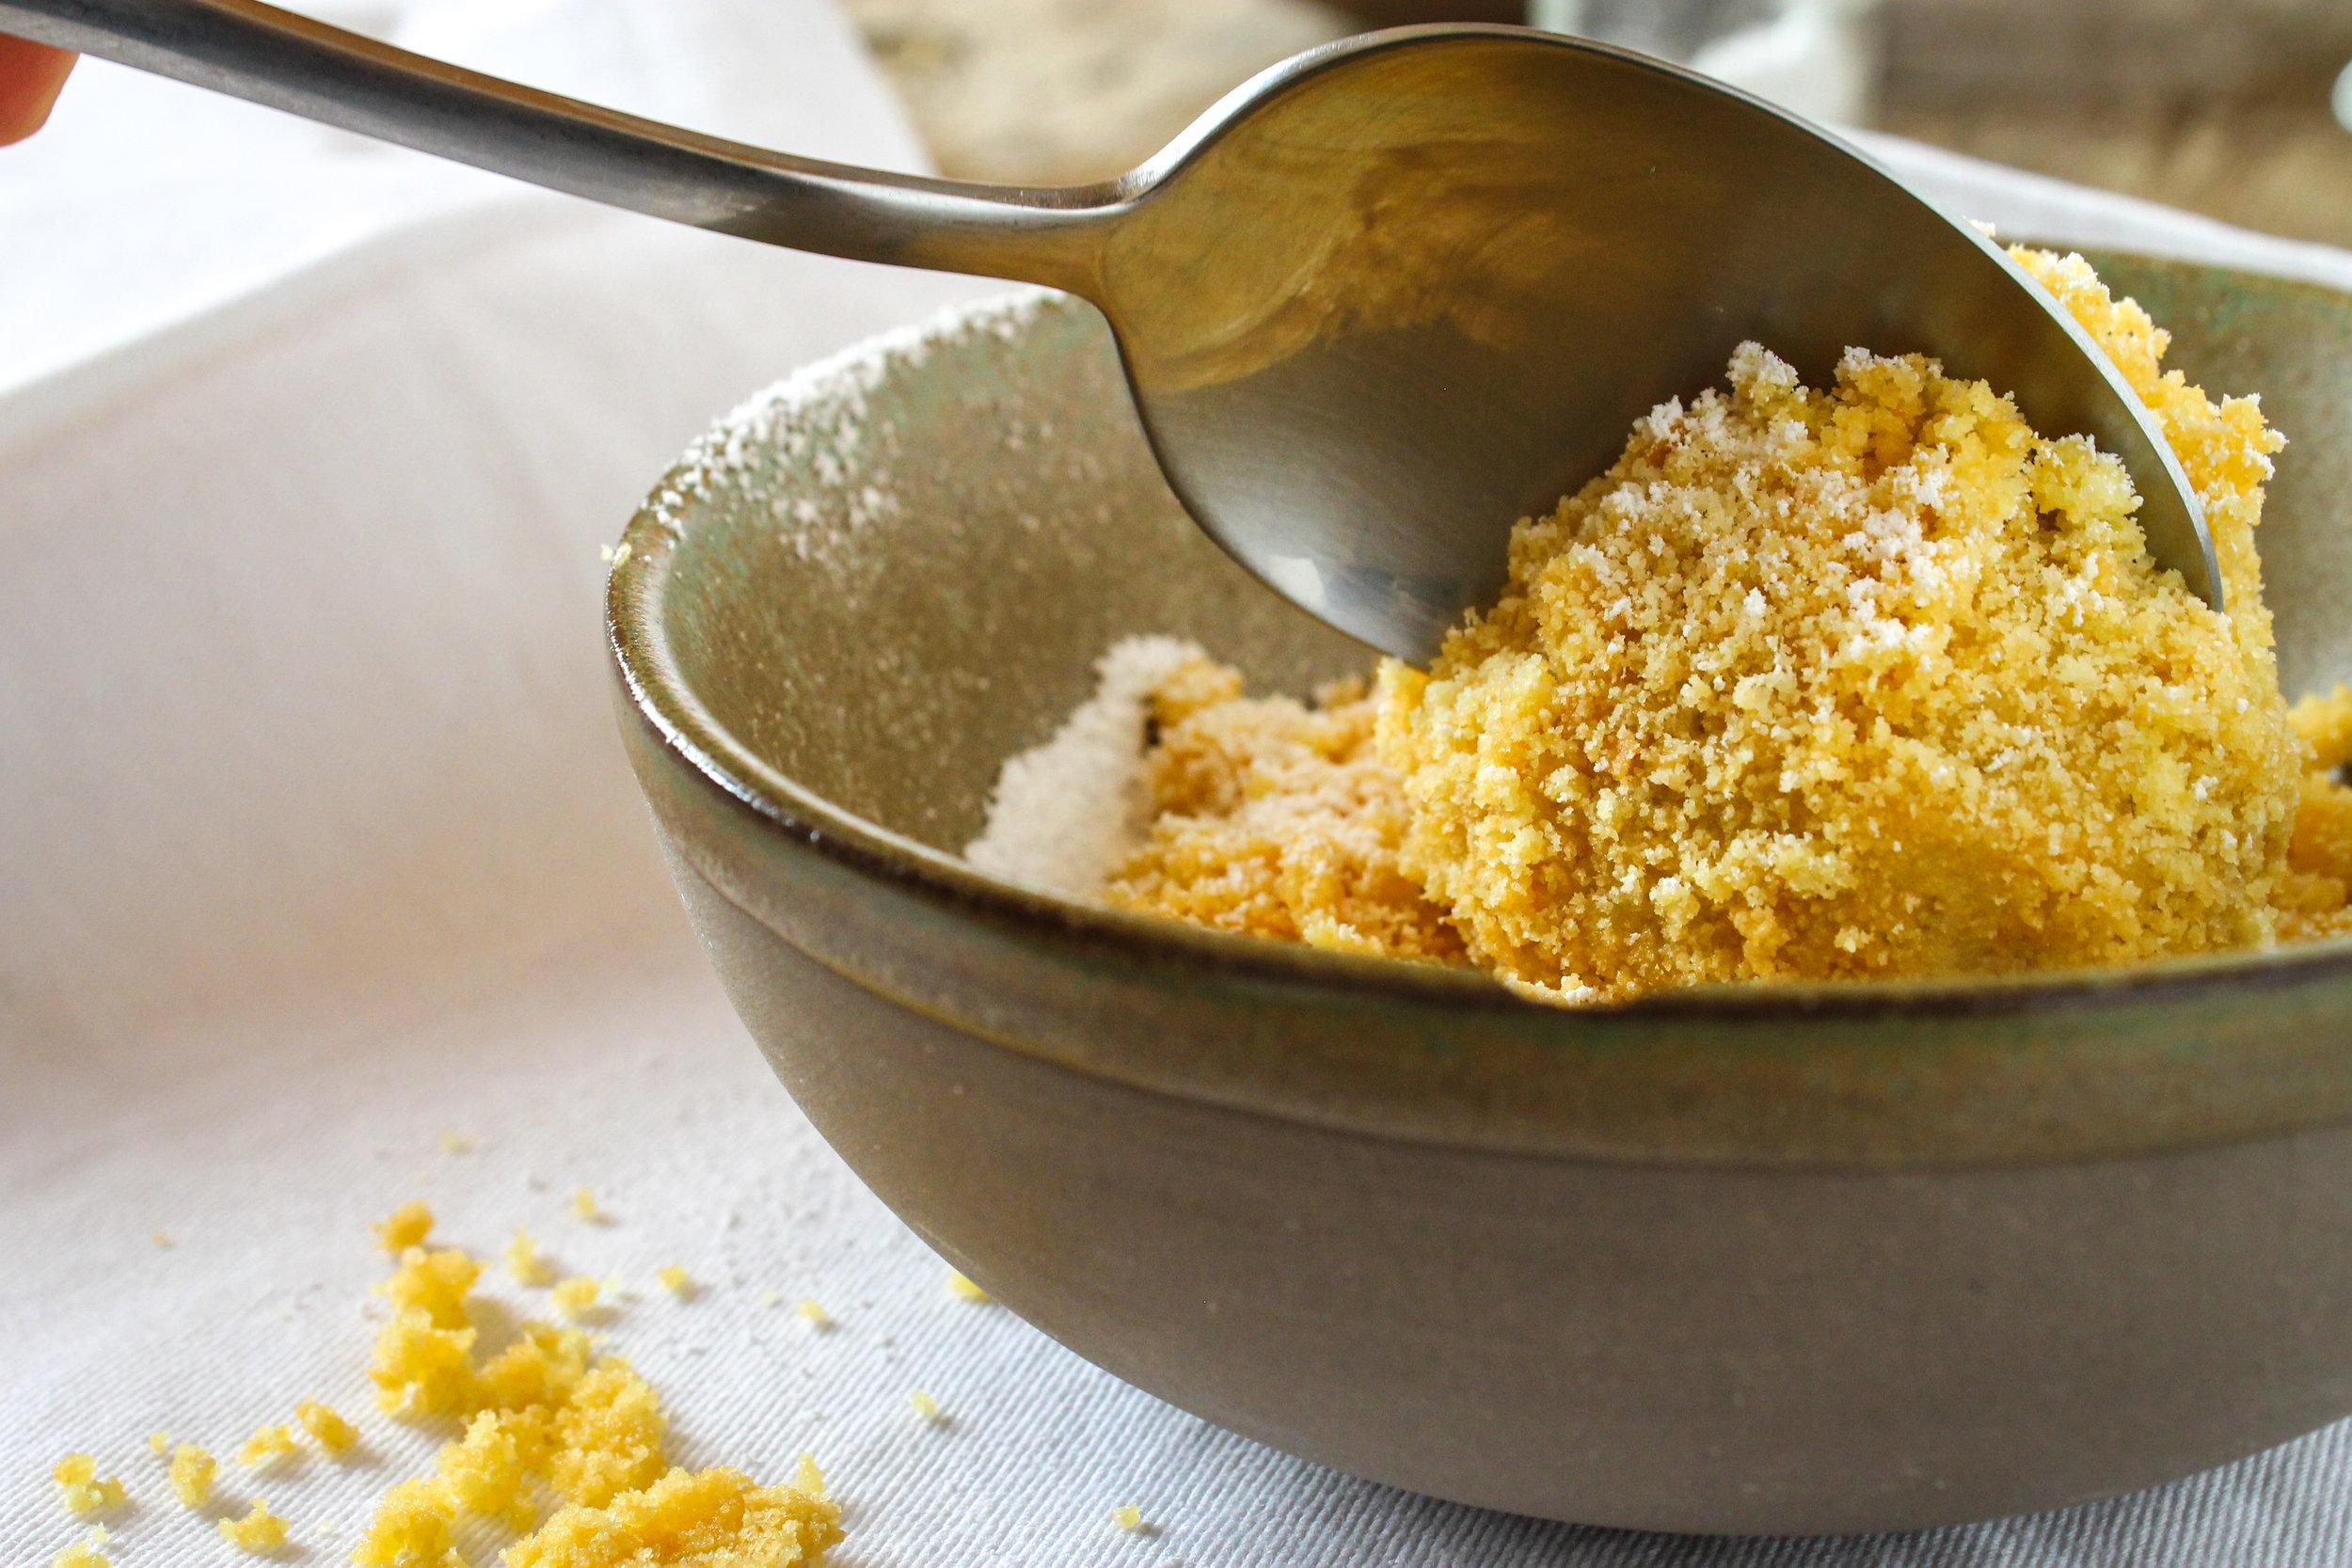 sans gluten et pas que pour les oiseaux - Le millet est souvent donné aux oiseaux en cage car c'est un aliment très complet.